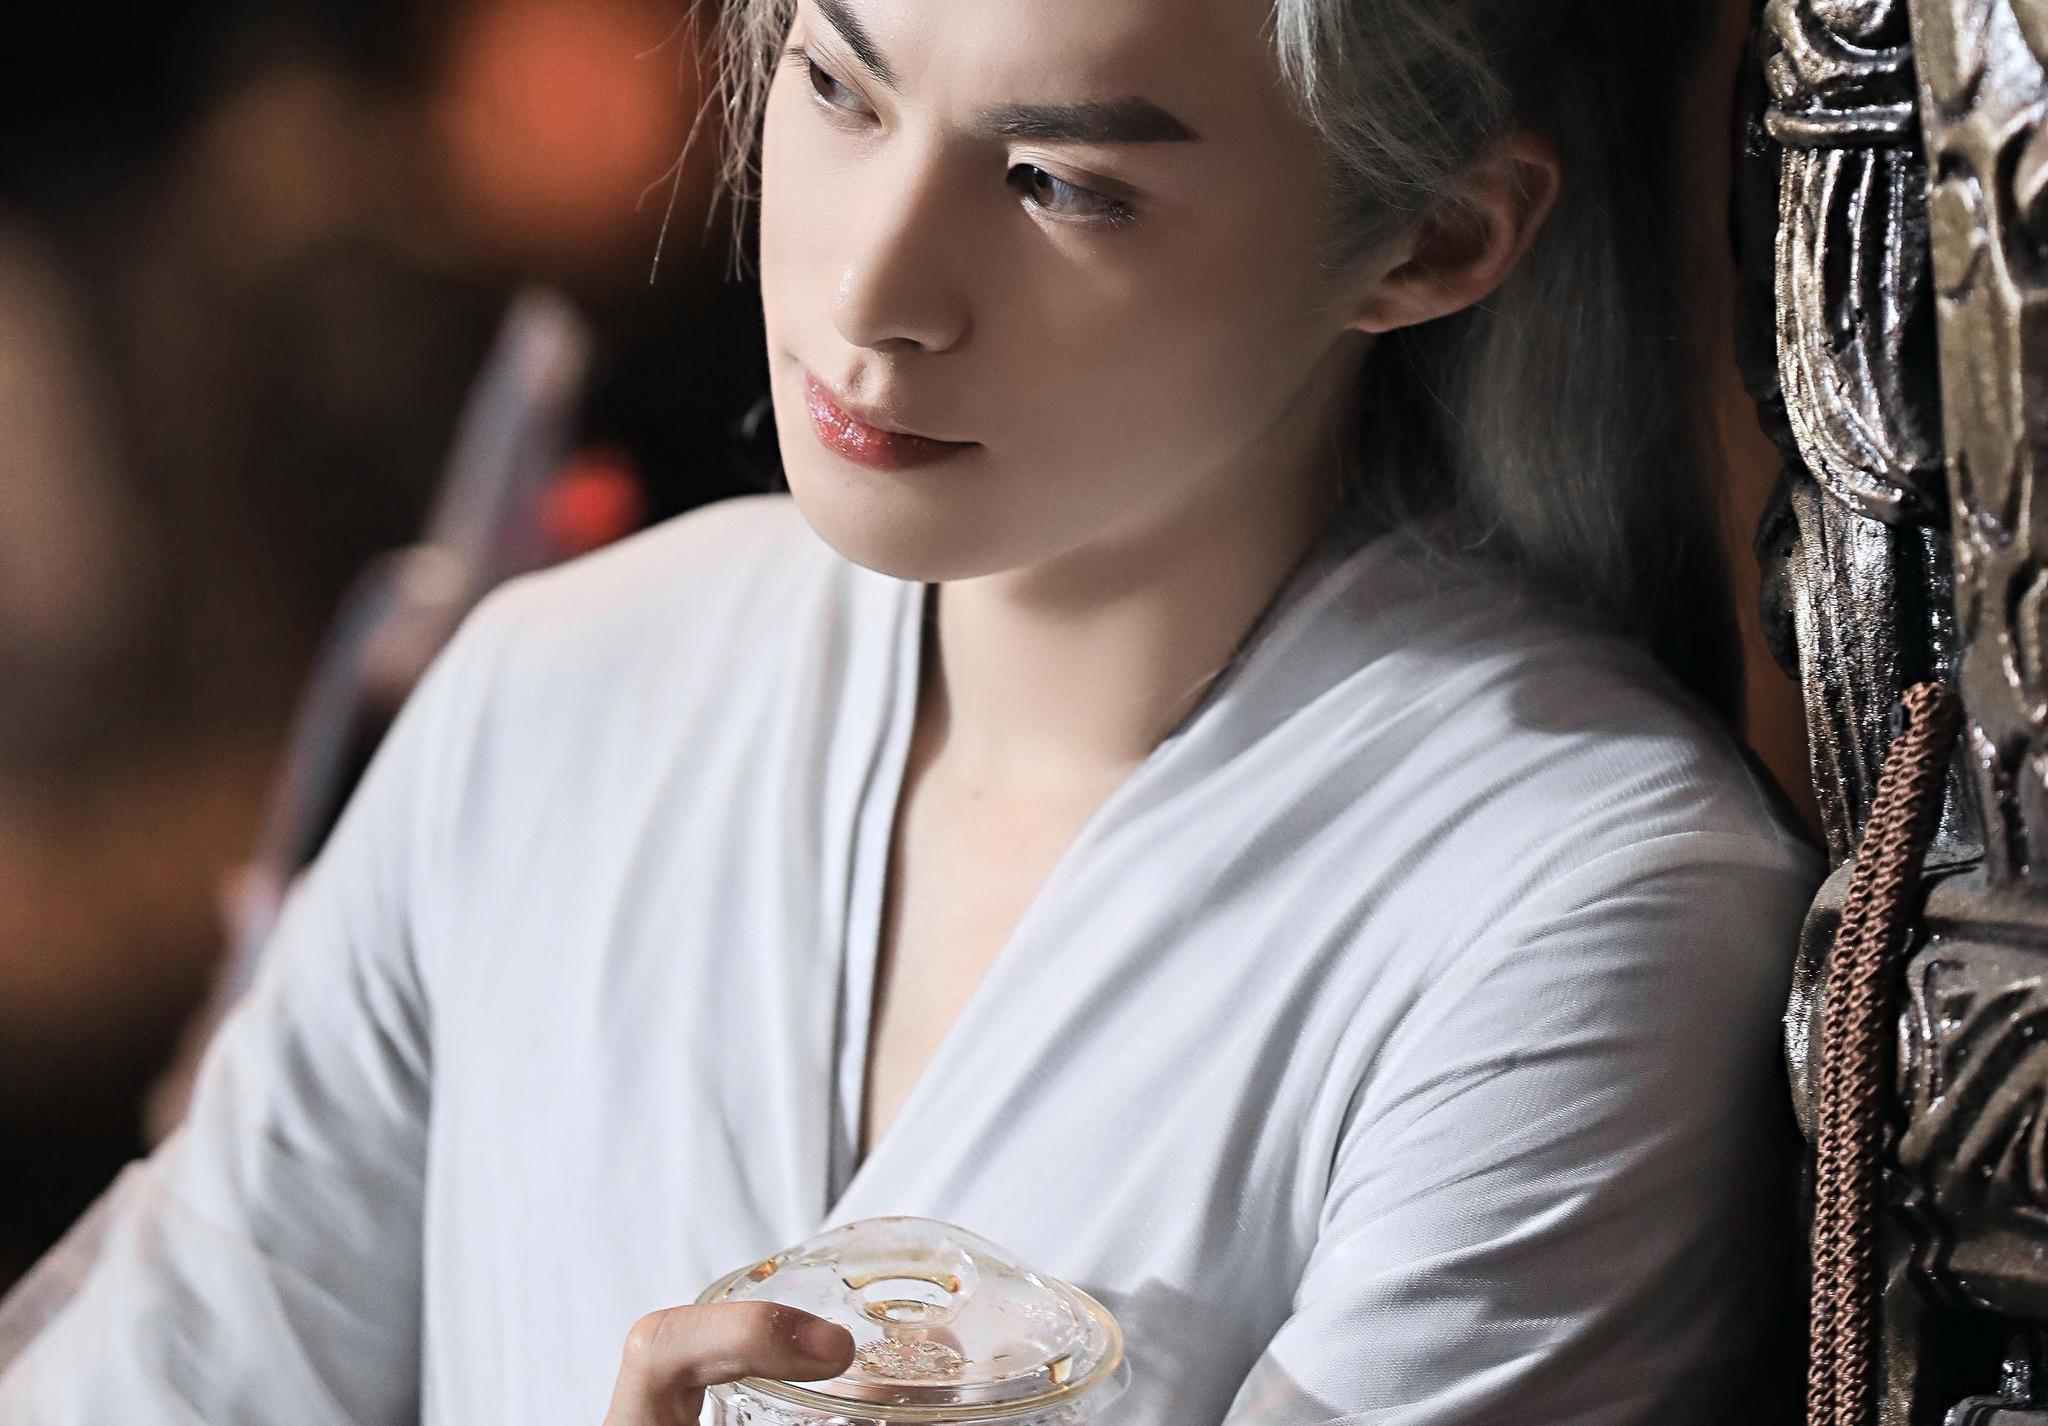 遇龙和山河令居然是一个妆发团队,王鹤棣龚俊同样造型,差别太大